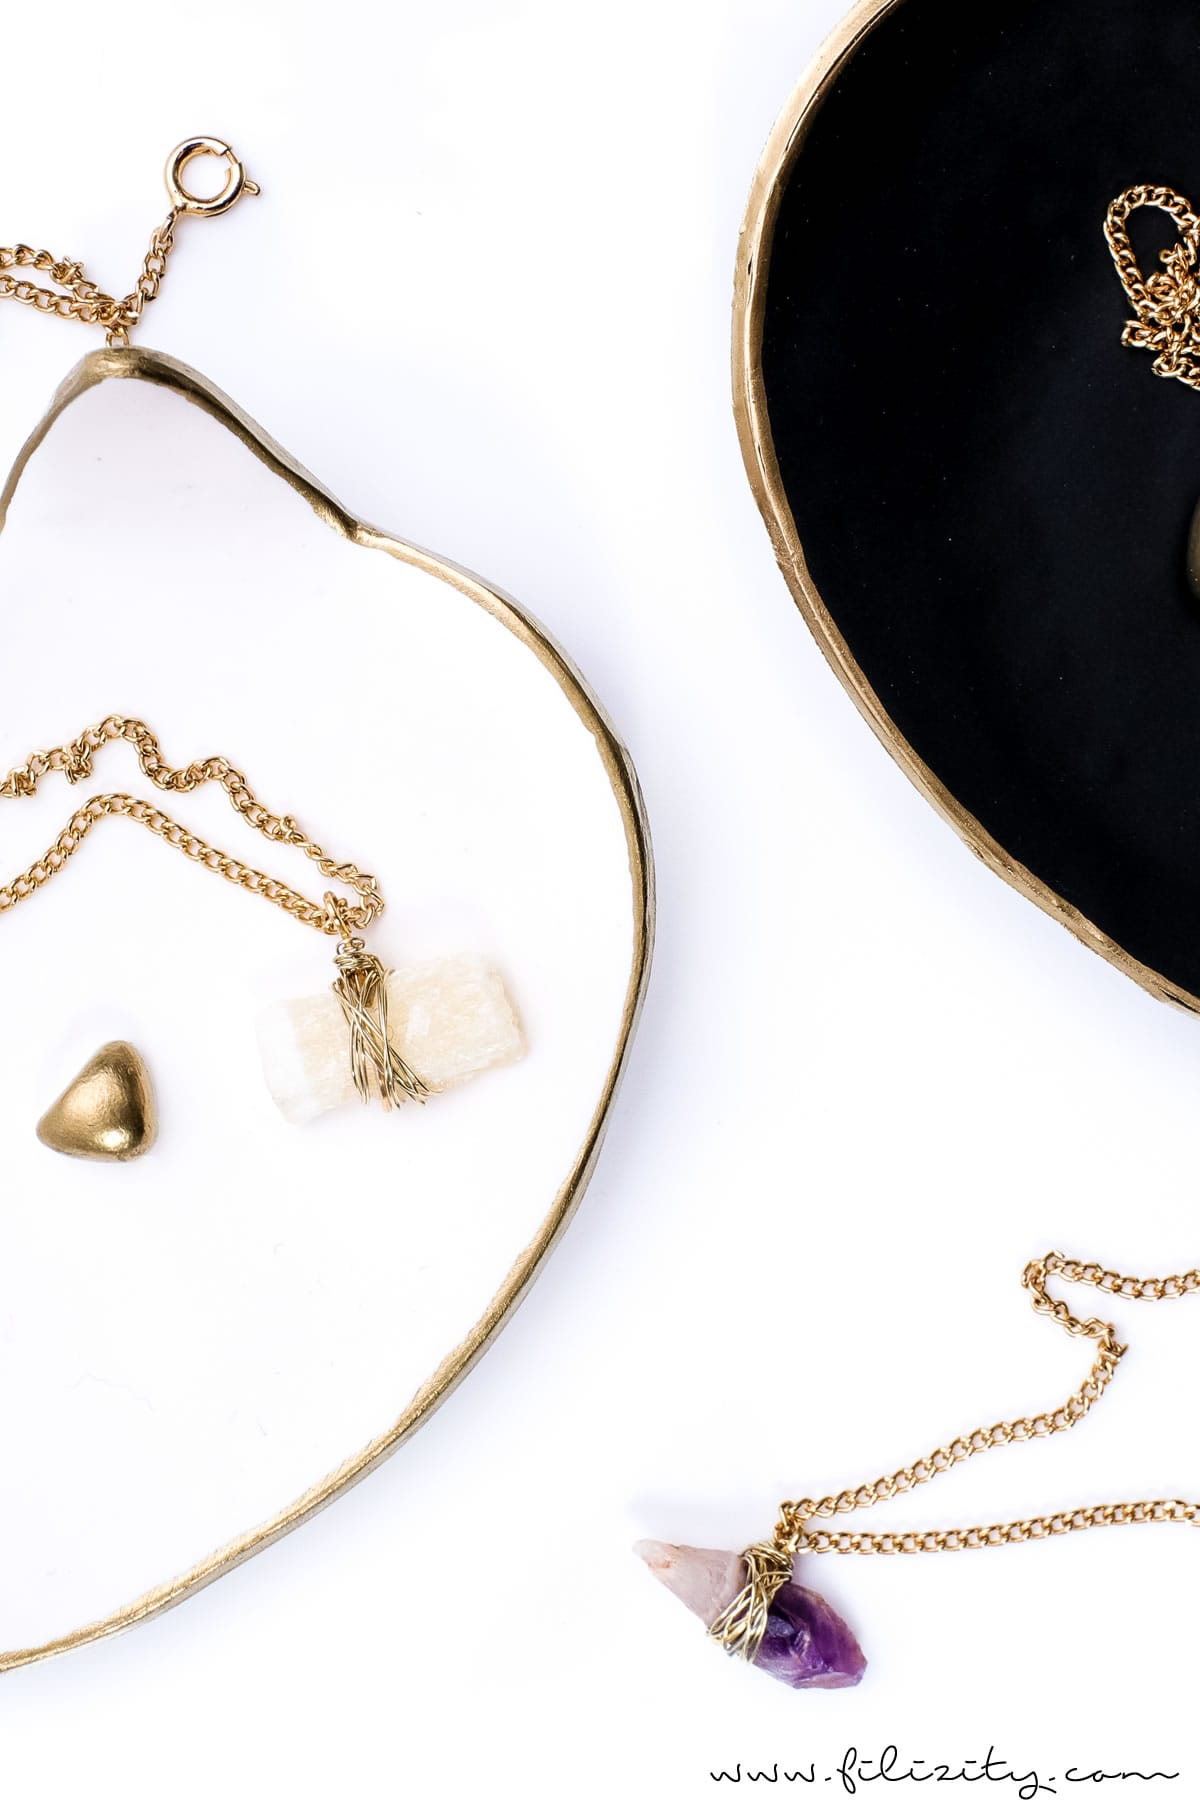 Schmuck selber machen: DIY Edelsteinketten | DIY Fashion & Geschenkidee zum Muttertag, Geburtstag, Valentinstag etc. | Filizity.com | DIY-Blog aus dem Rheinland #schmuck #geschenkidee